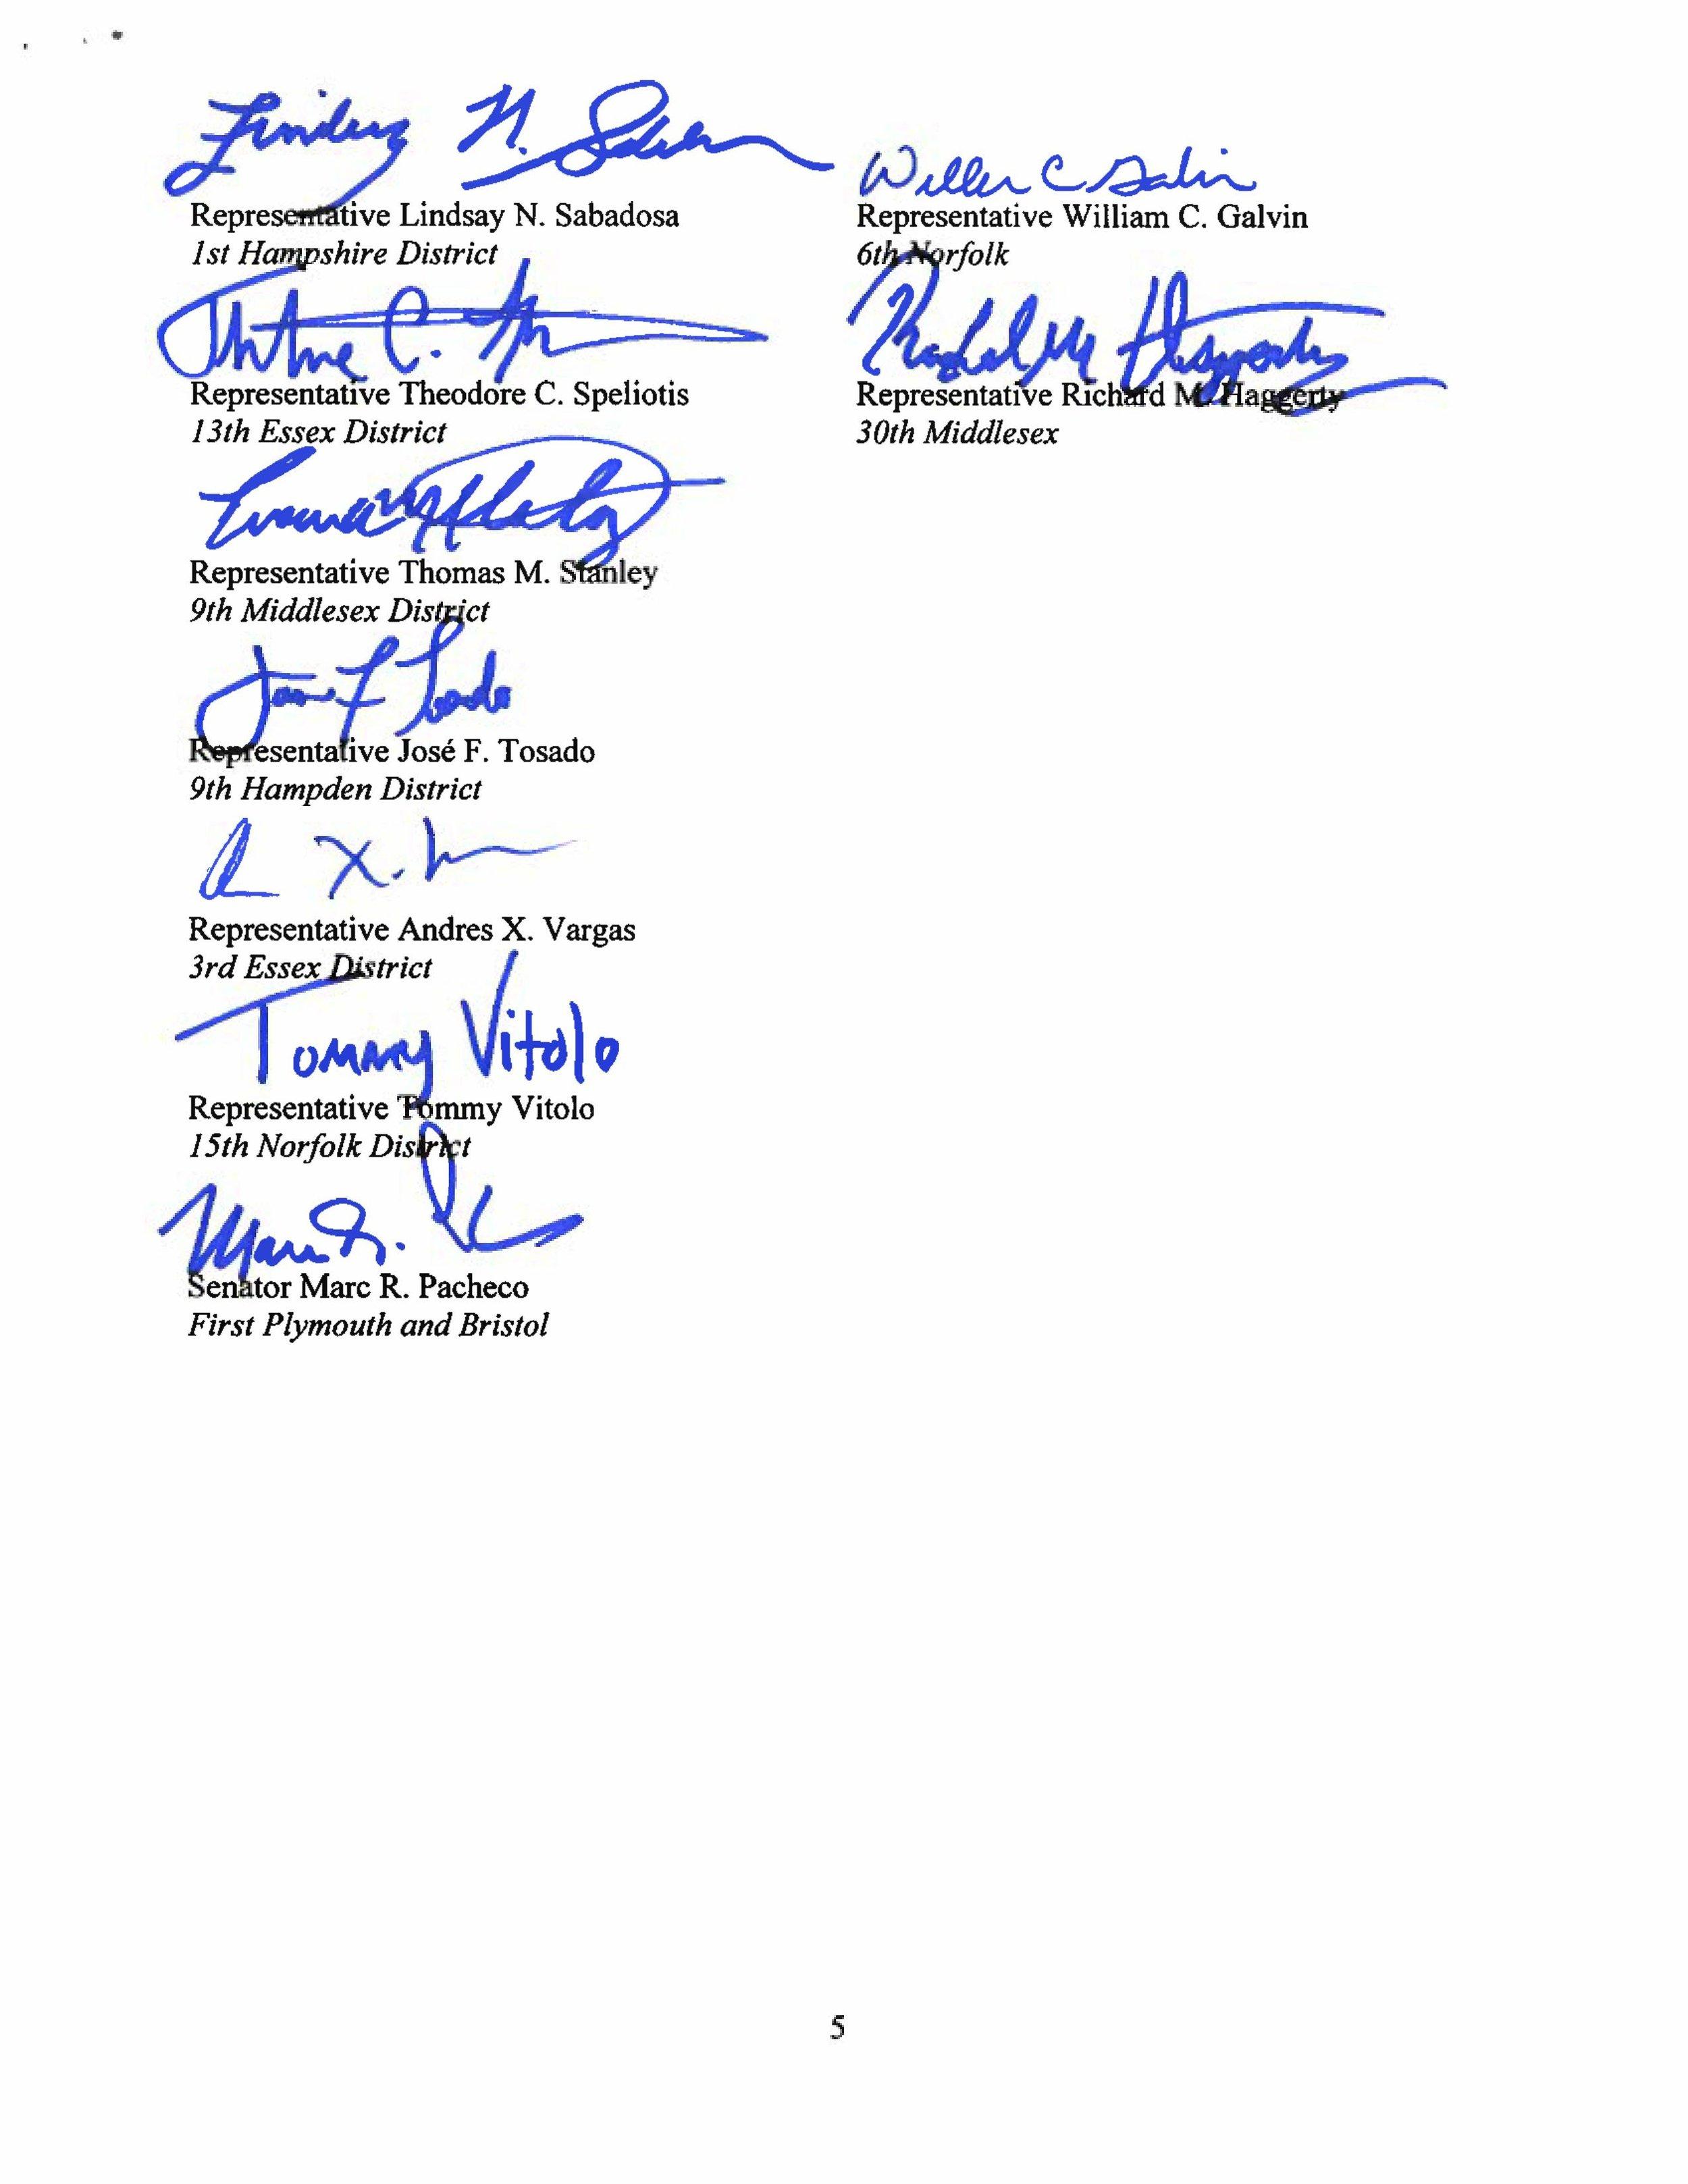 Transgender Troop Ban Letter_p.5.jpg